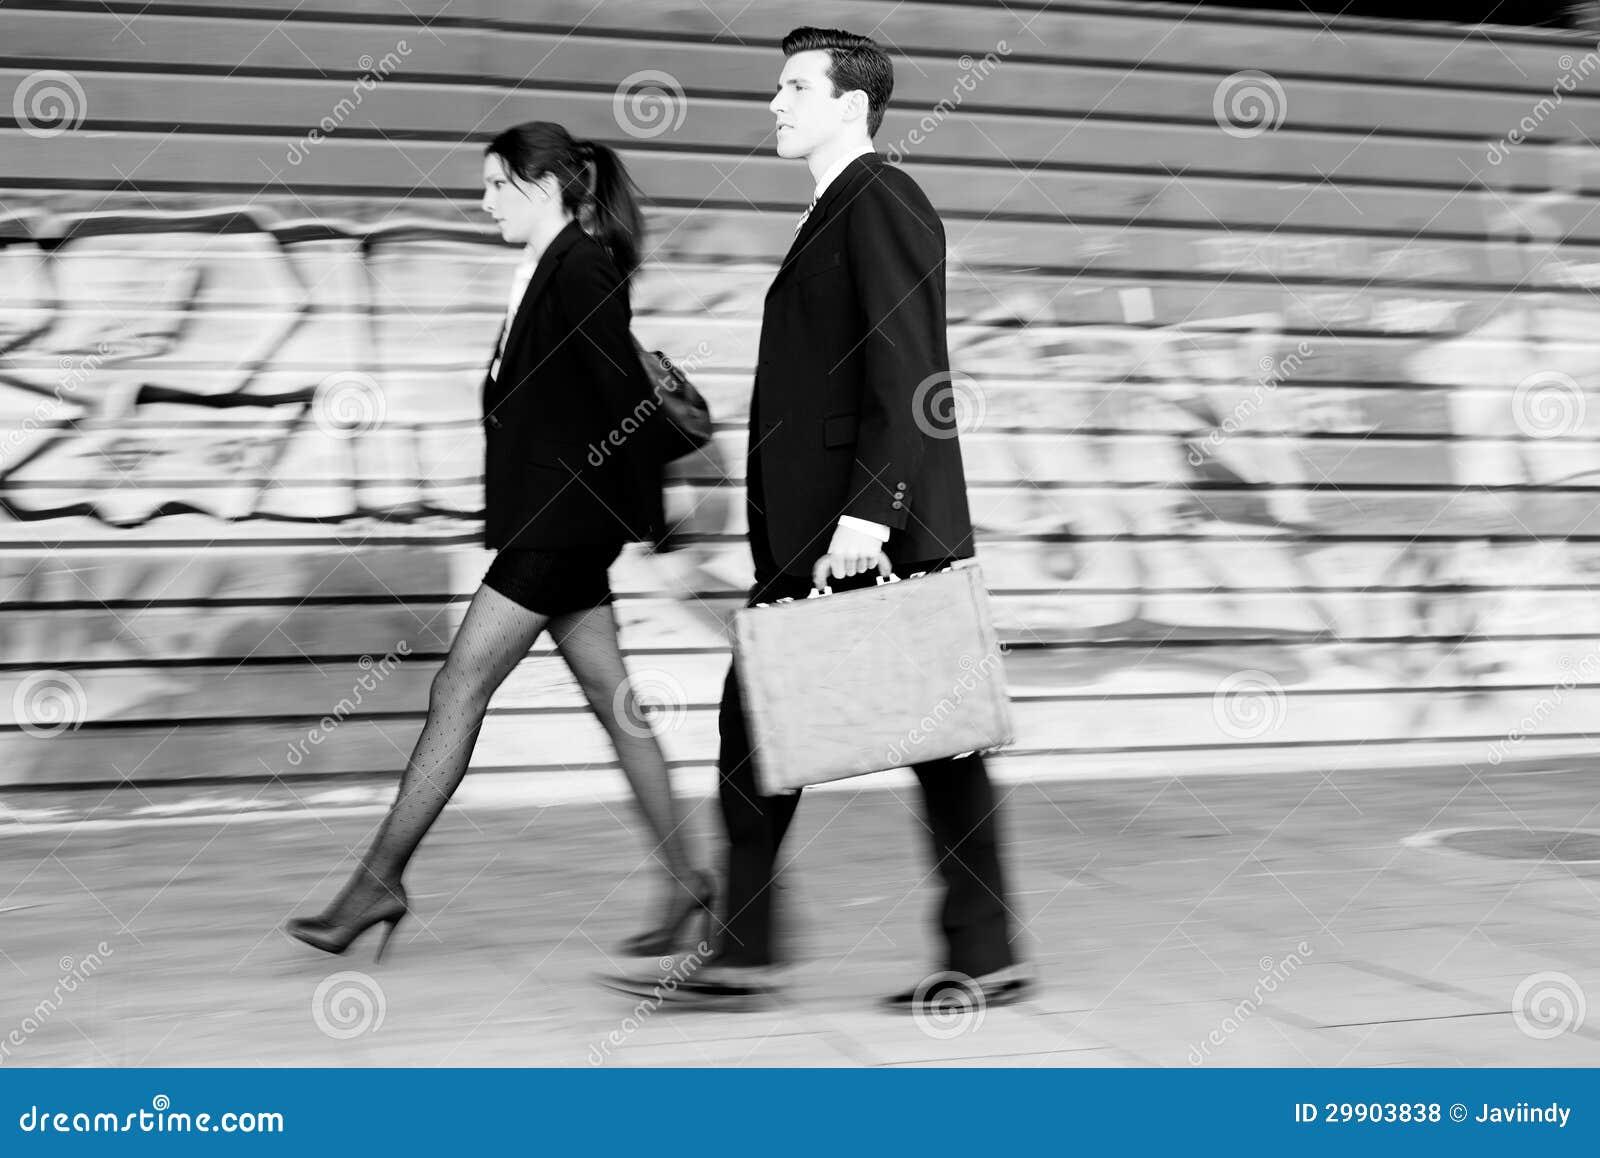 Бизнесмены гуляя в улицу. Деятельность пар